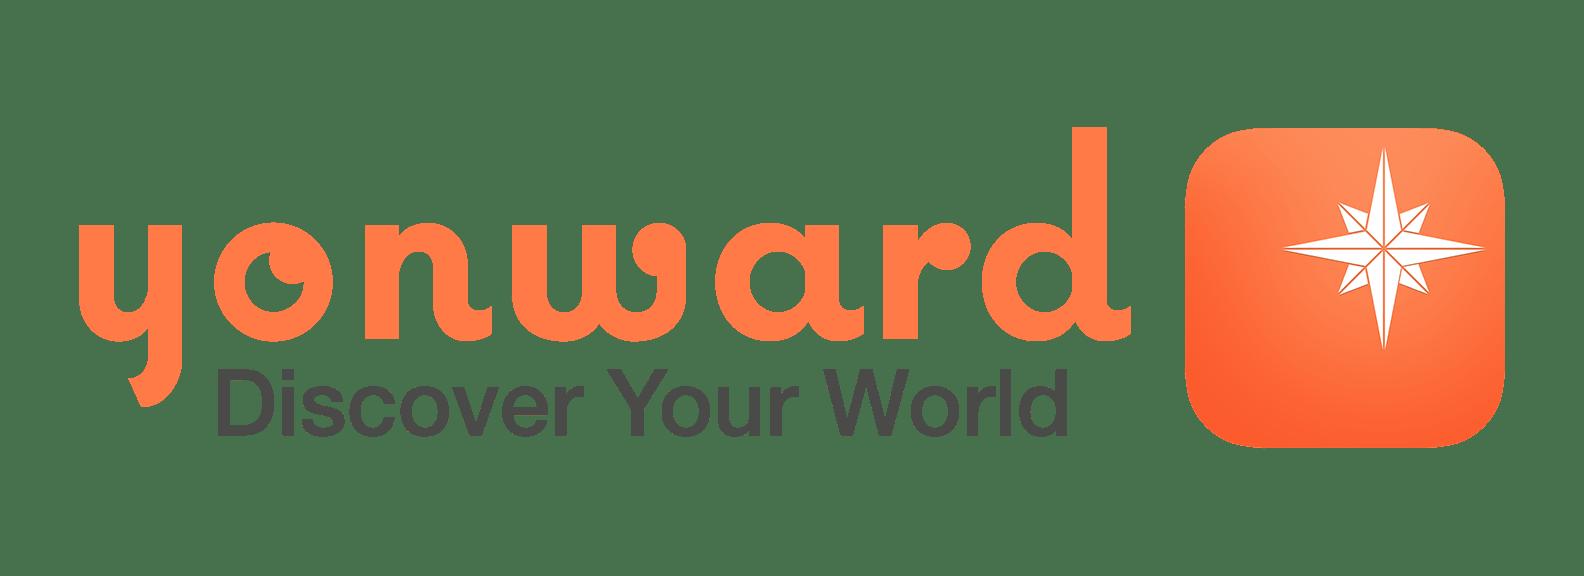 Yonward company logo